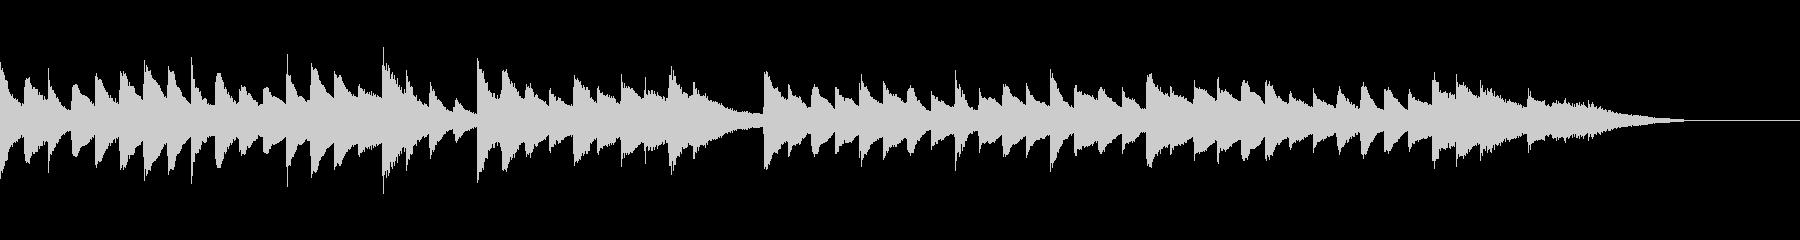 ピアノジングル6、しっとり、穏やかの未再生の波形